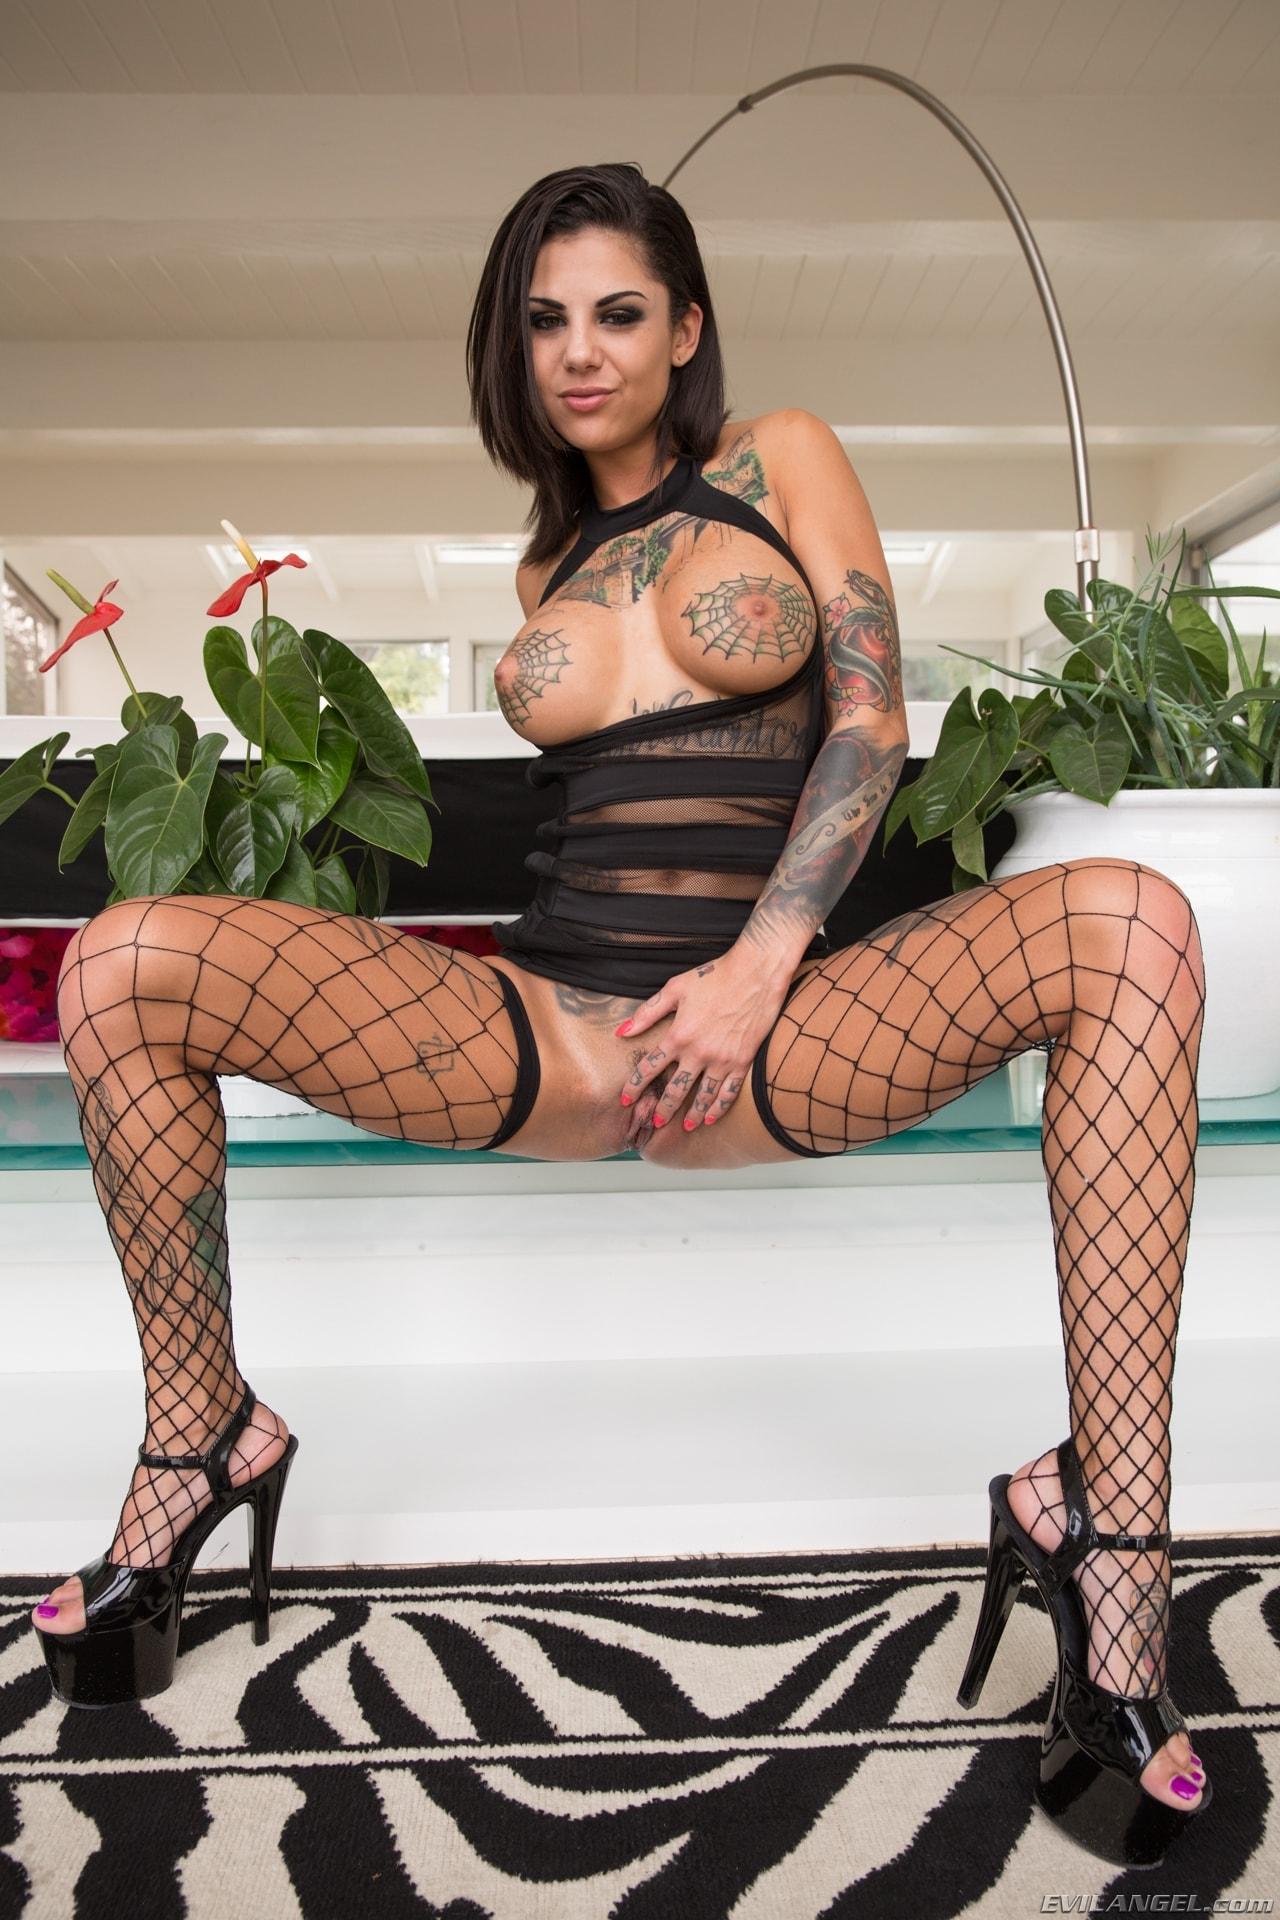 Evil Angel 'Tattooed Anal Sluts' starring Bonnie Rotten (Photo 7)